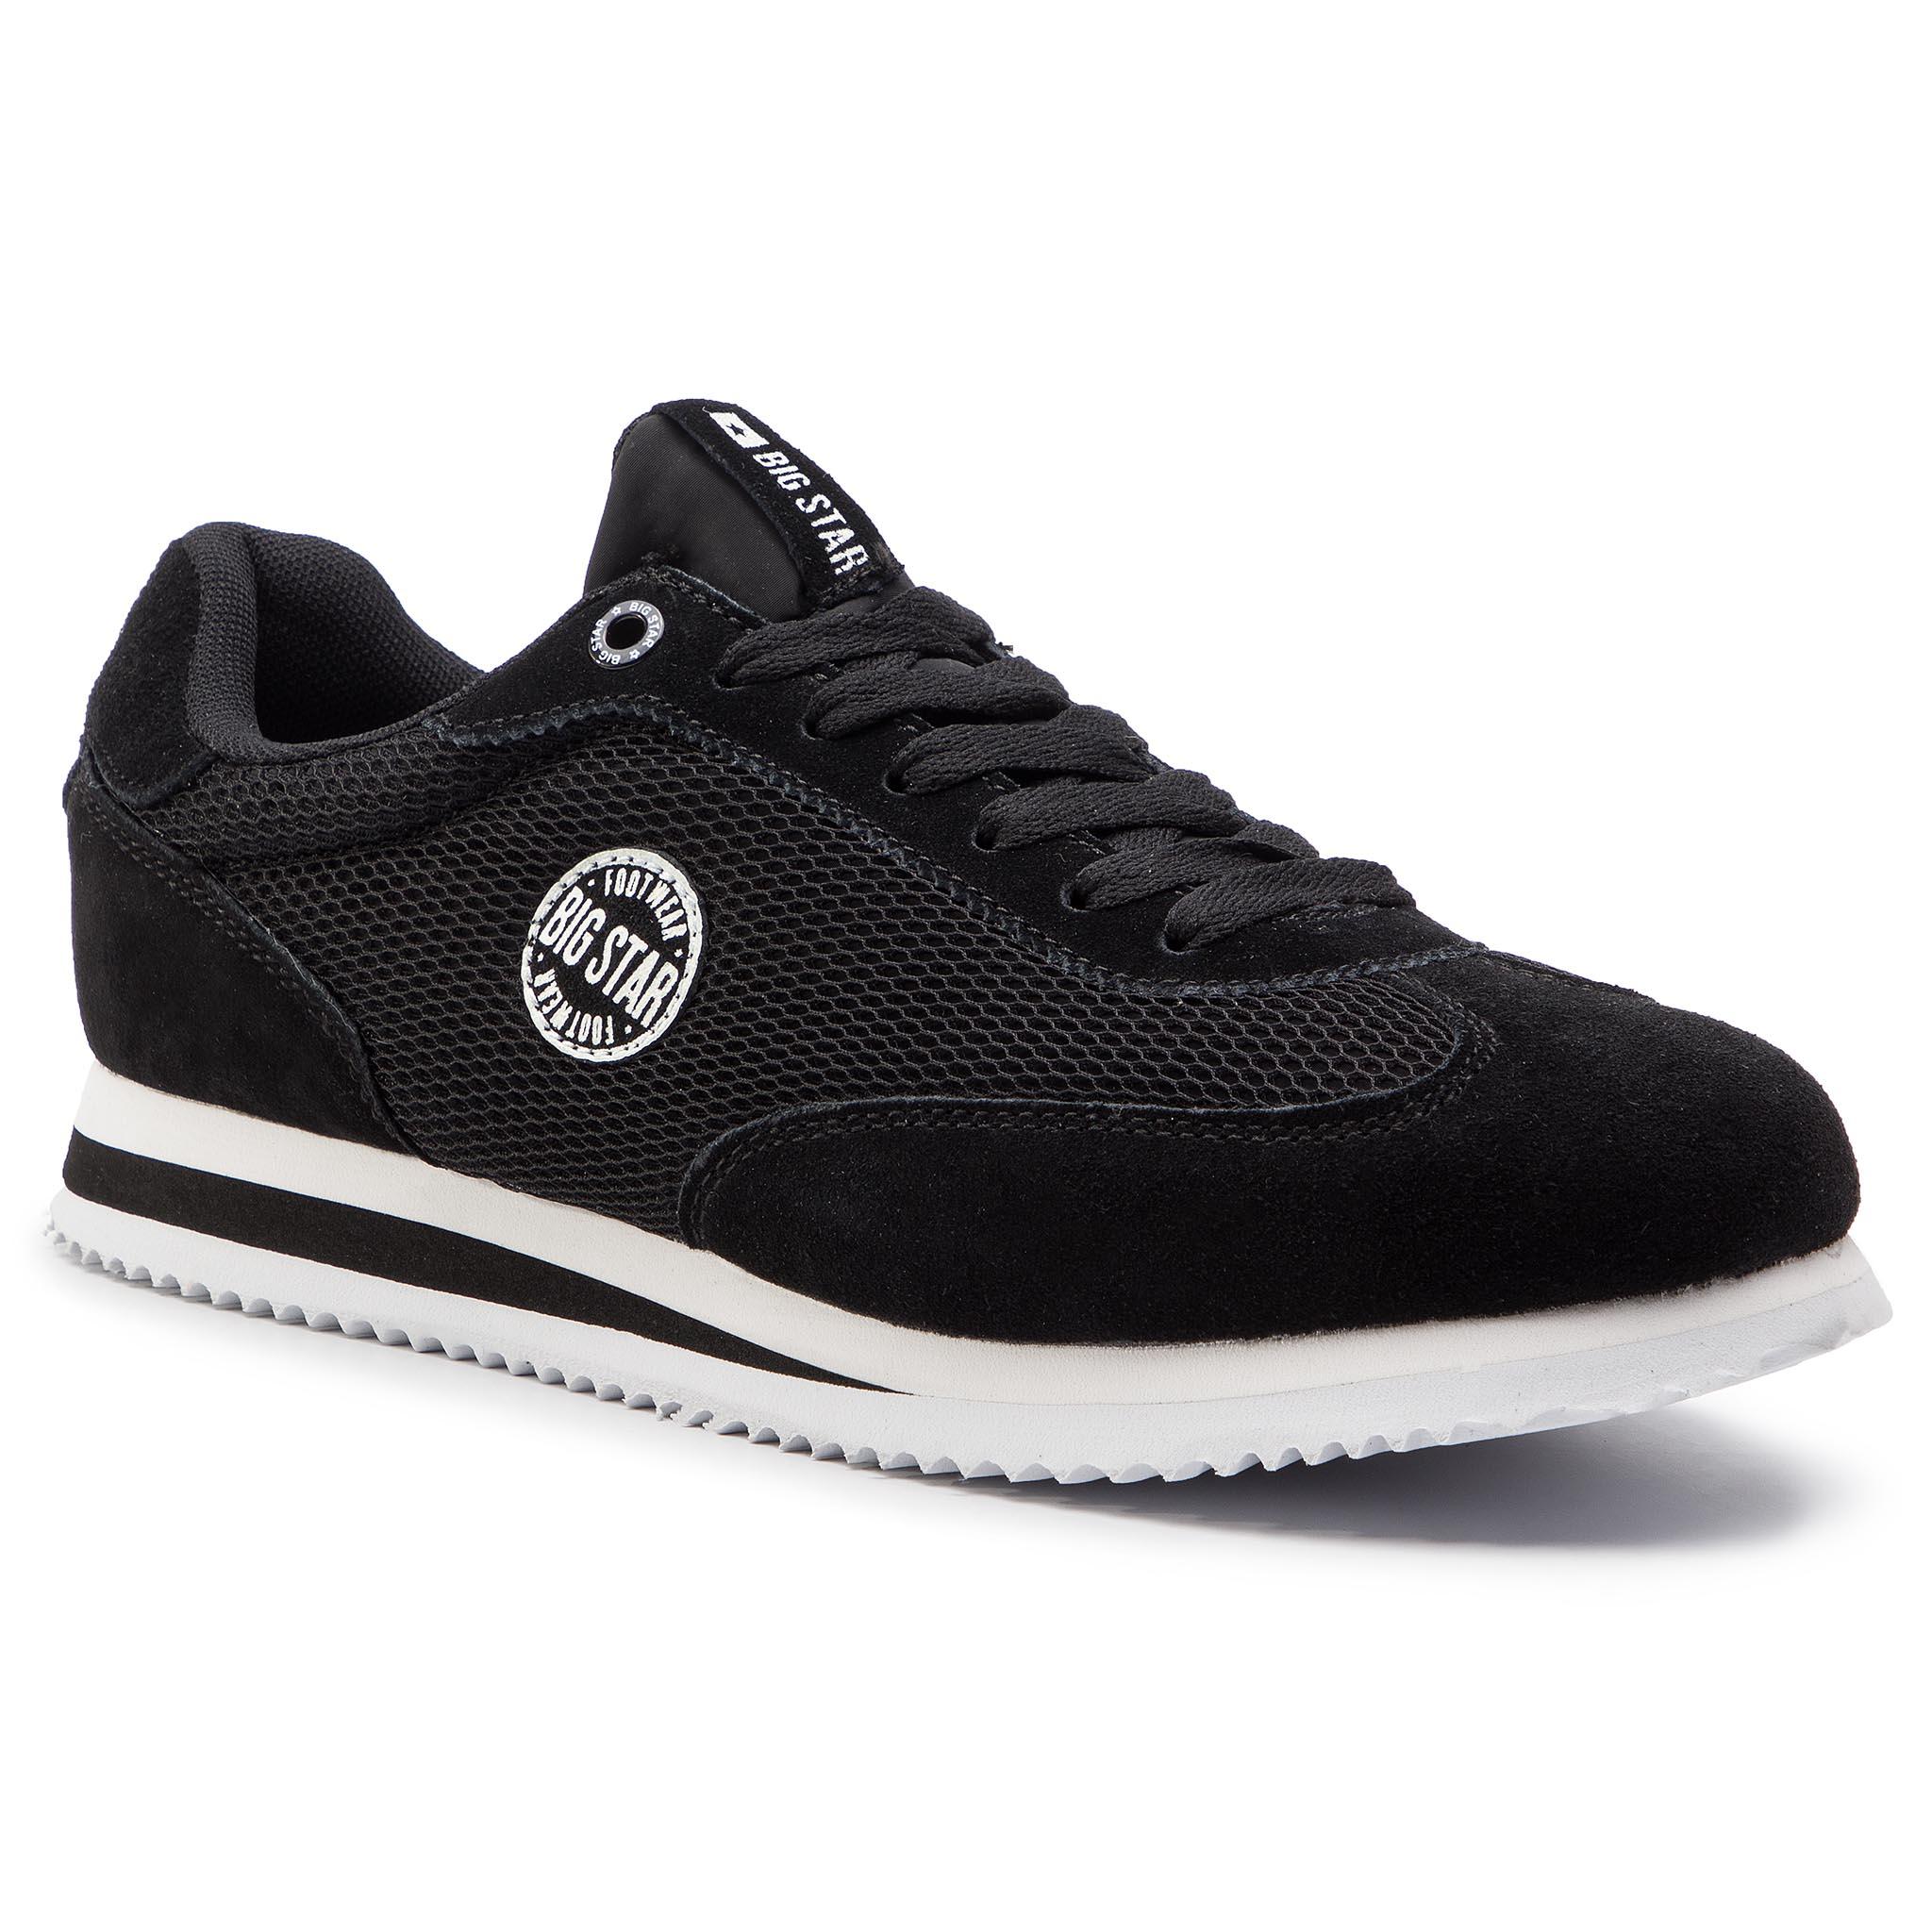 Statement S19s Msc1865 Plein Sport White Runner Ste003n Sneakers 5LRj3A4